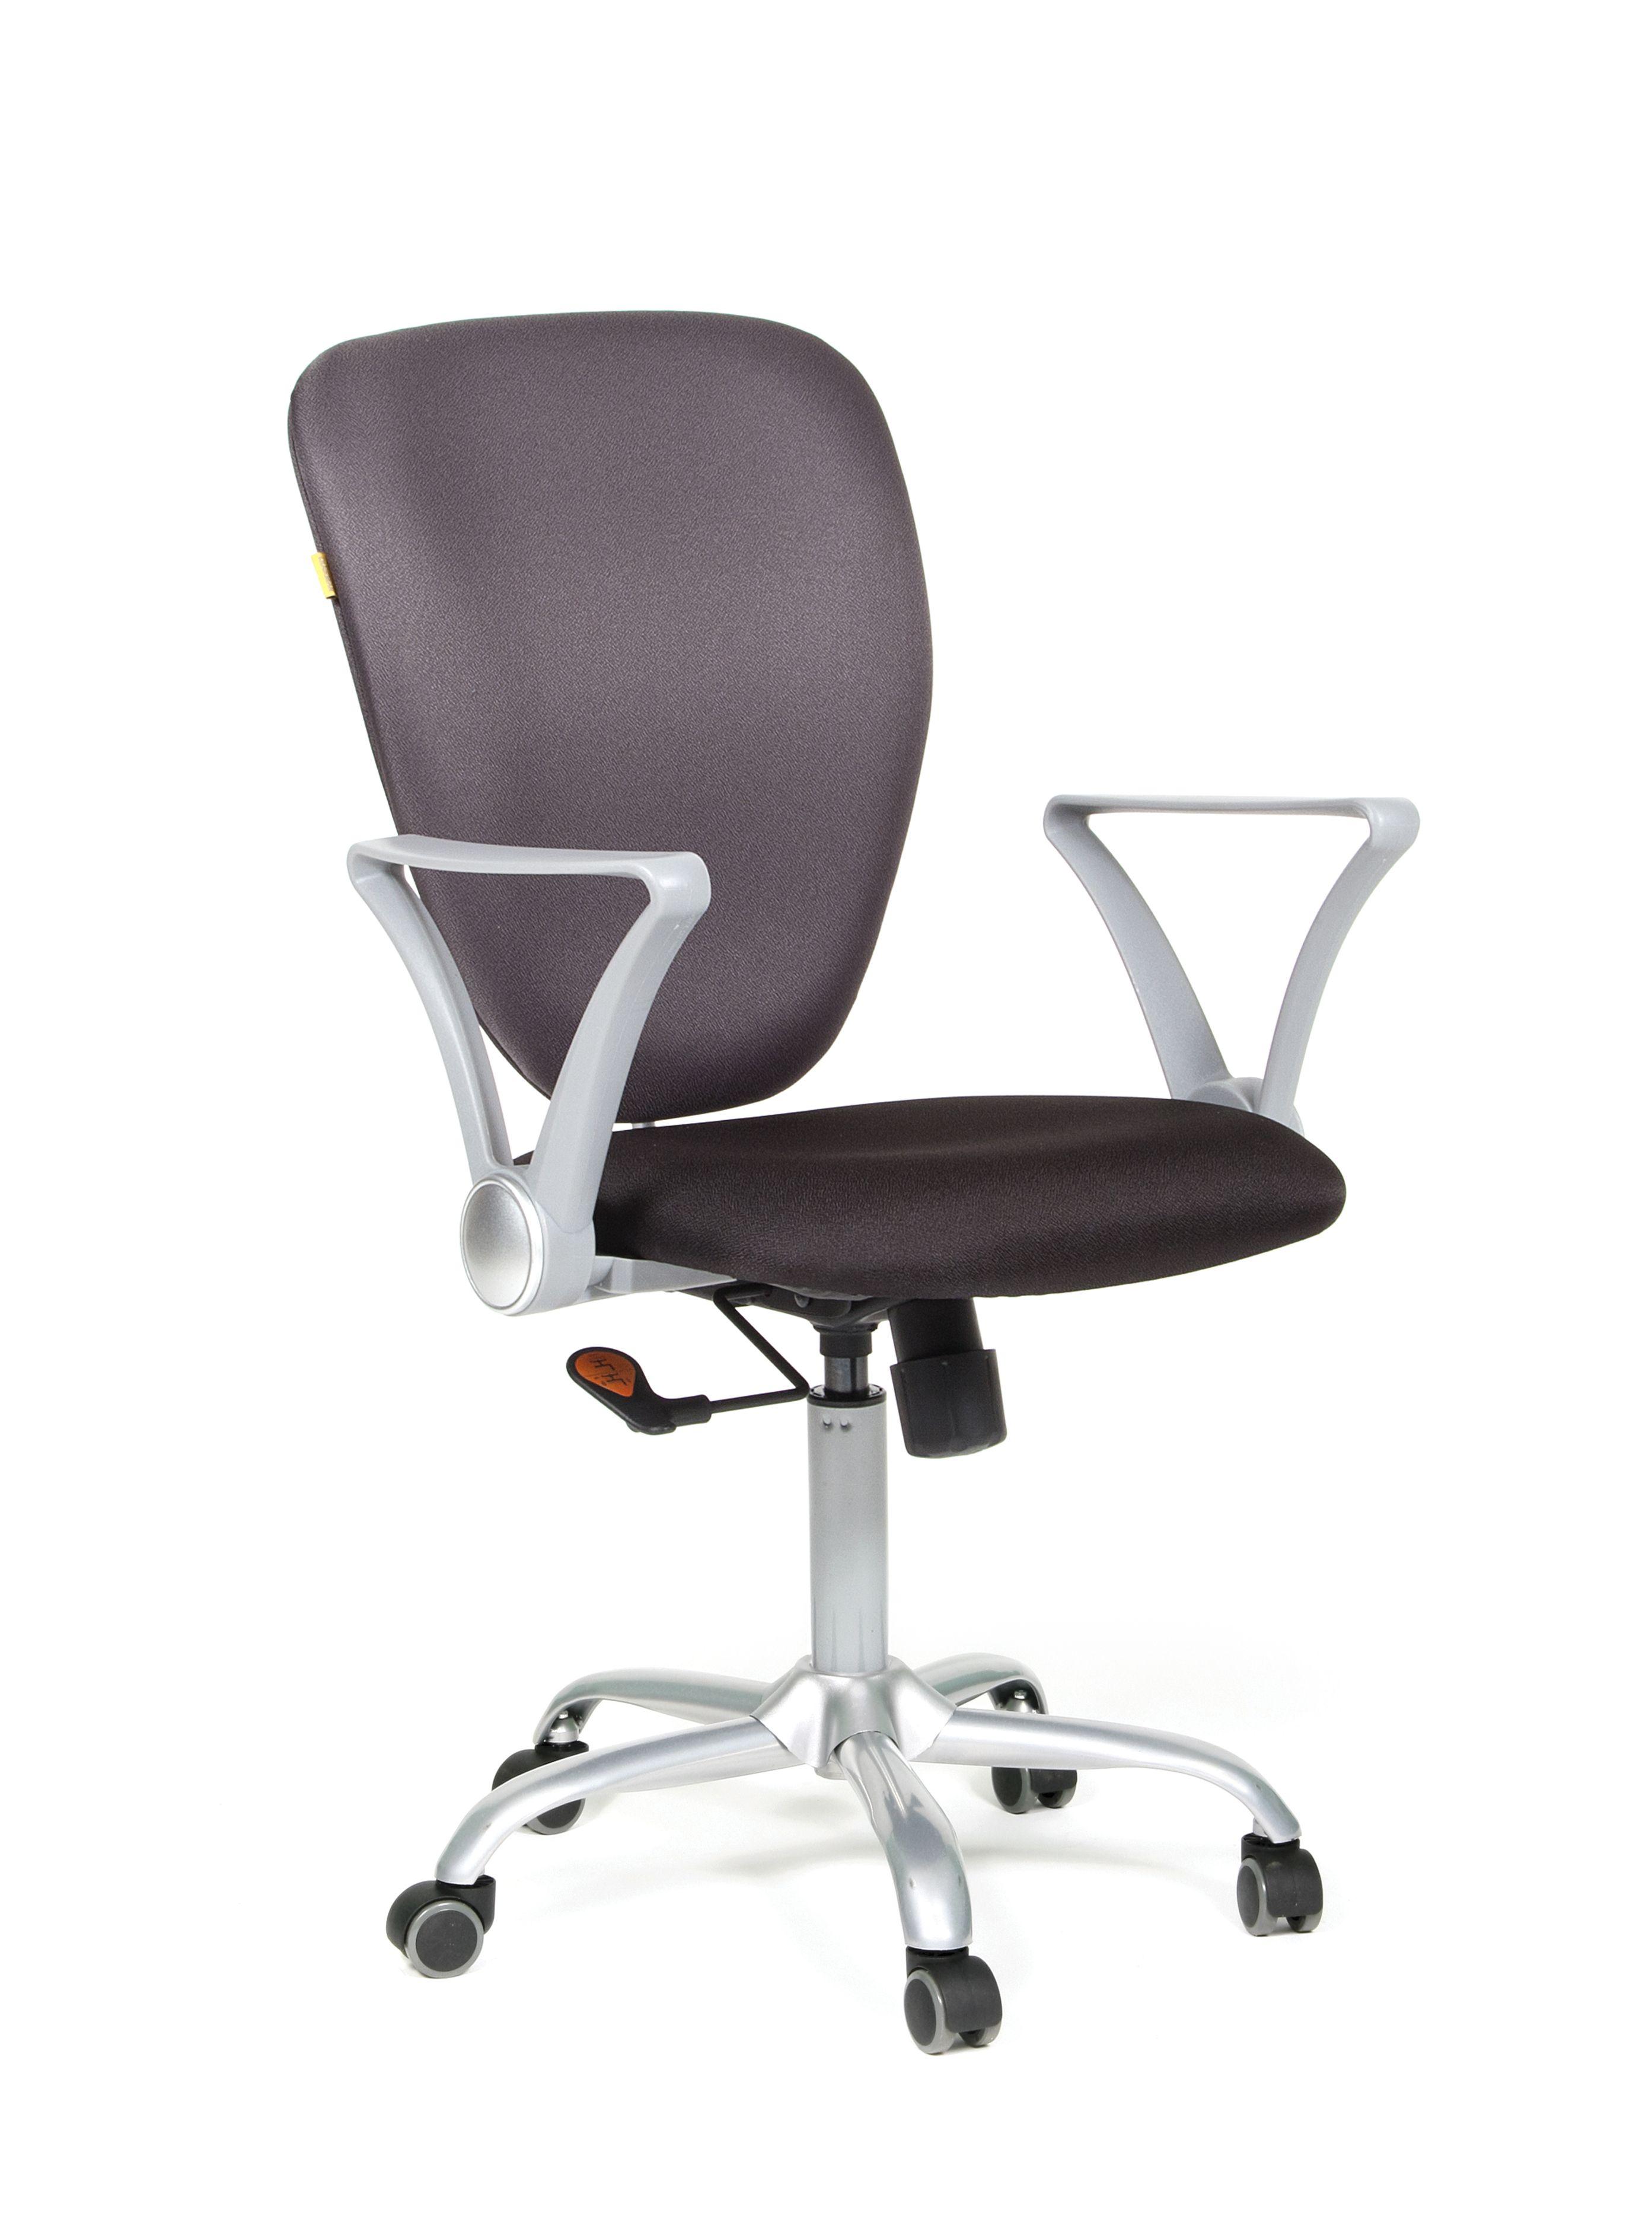 Biuro kėdė SEDONA 360